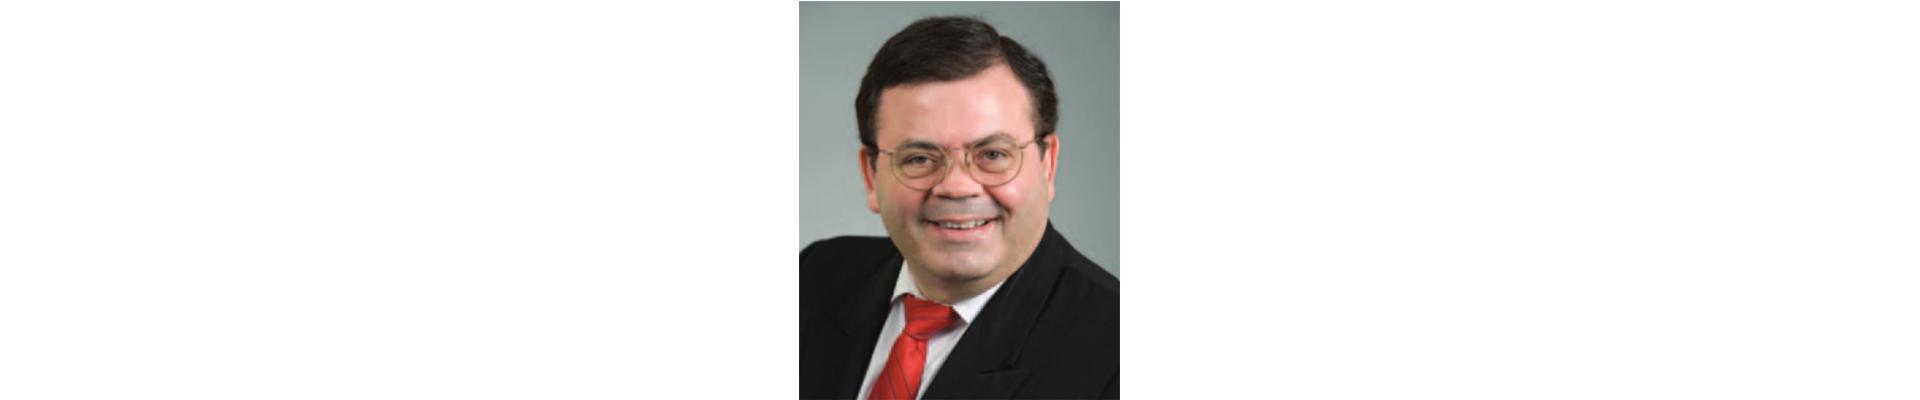 Dr. Pompei